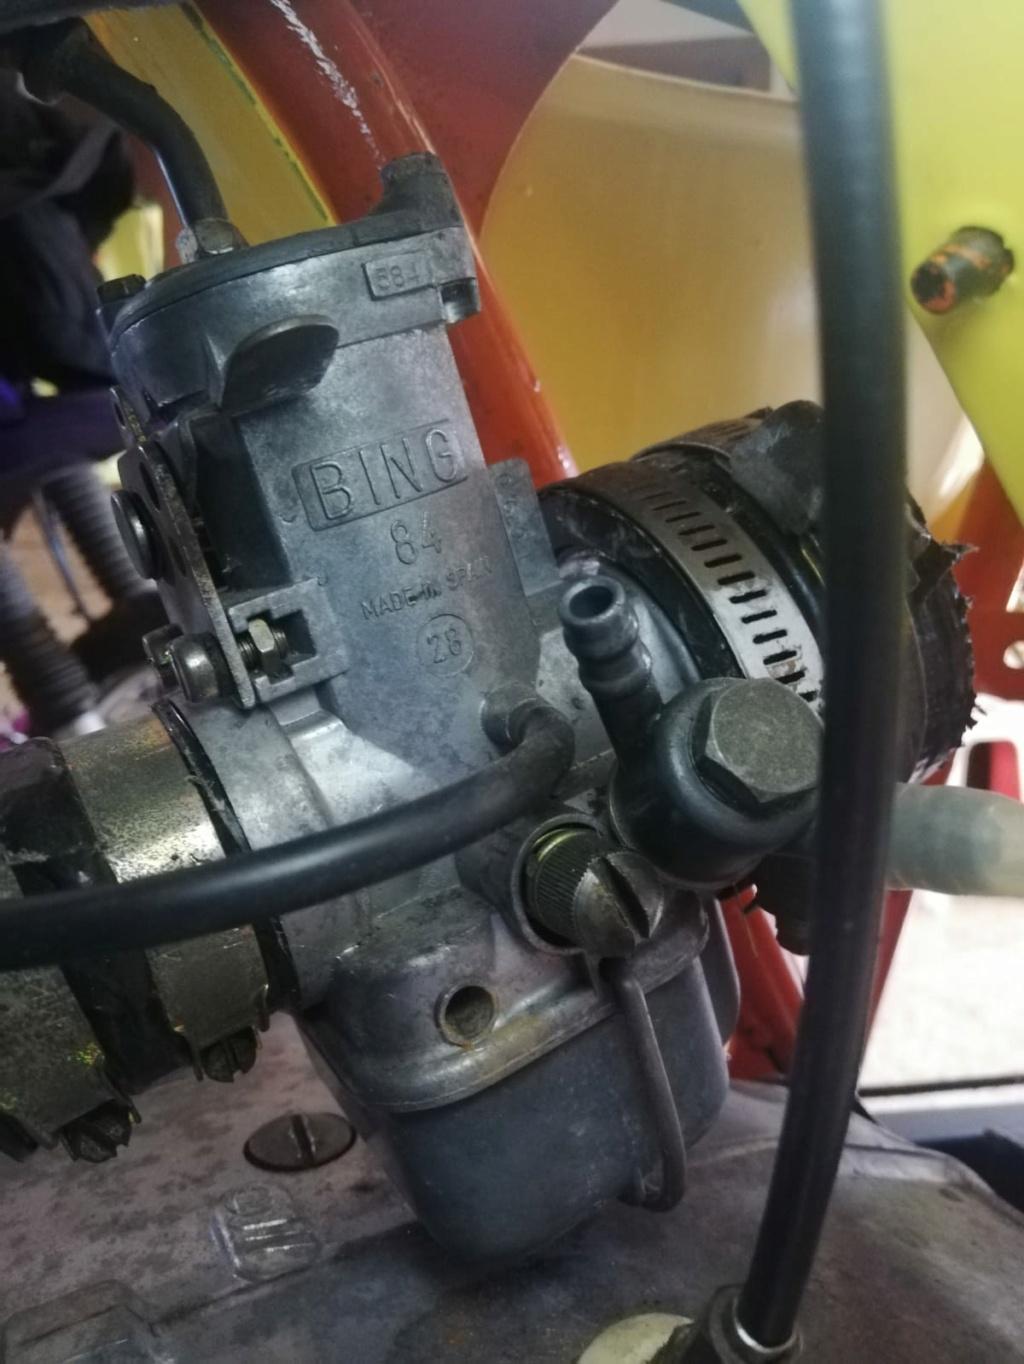 Ajuste de Carburador Bing 84-28 Carbur11